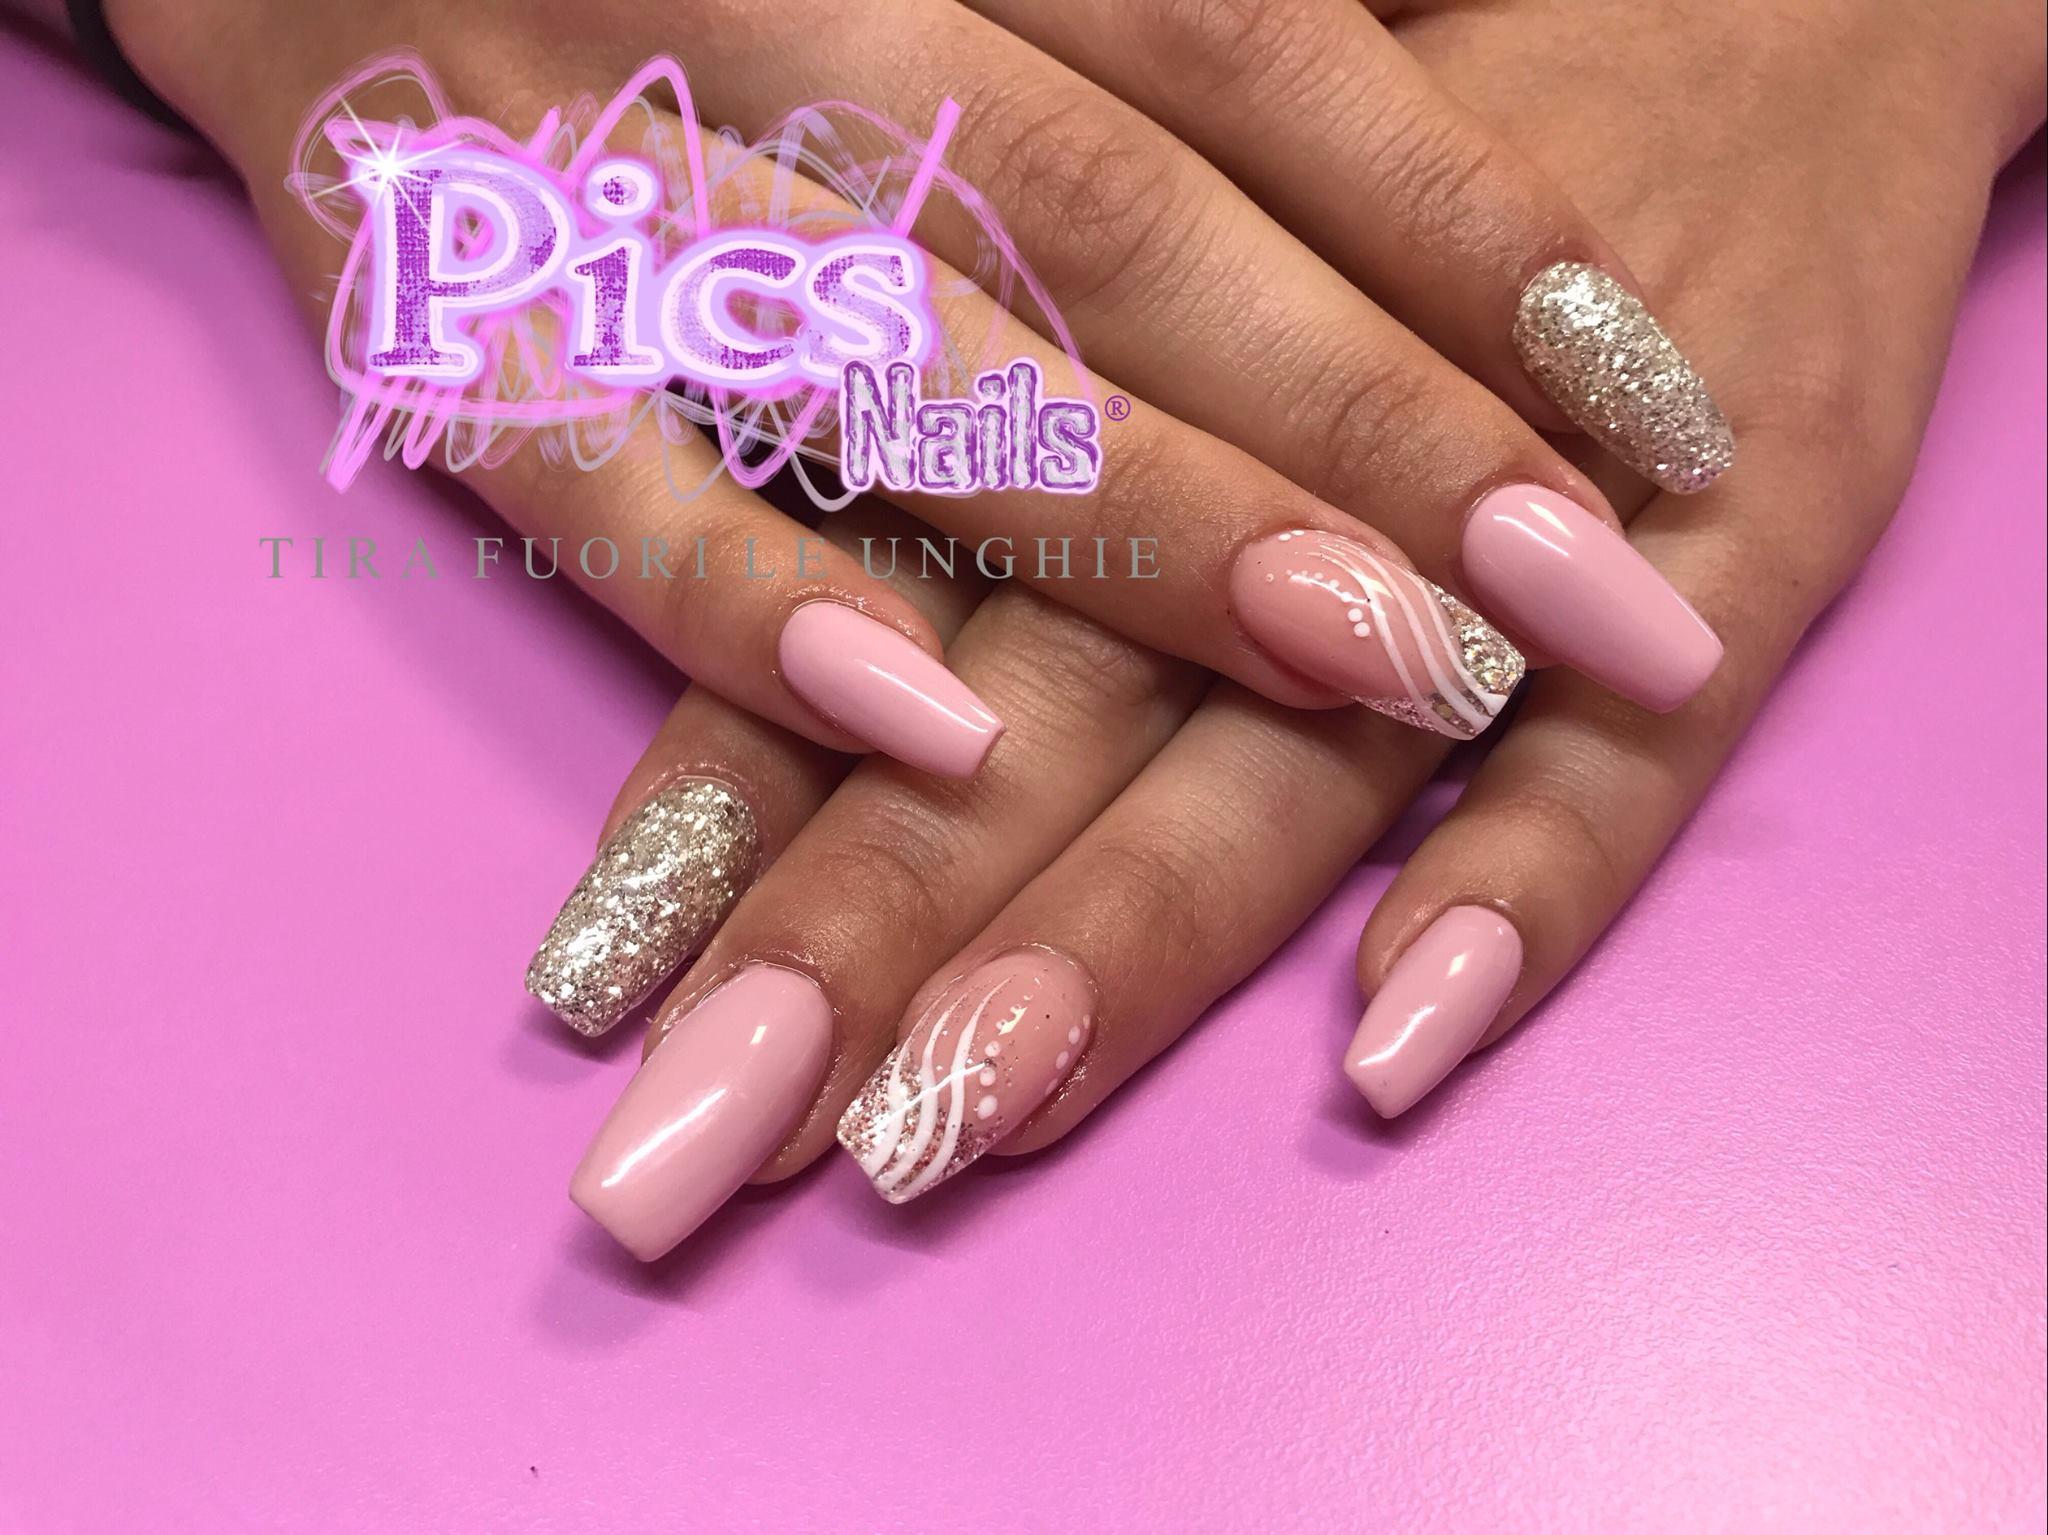 Ricostruzione unghie olbia pics nails for Decorazione e applicazione unghie finte